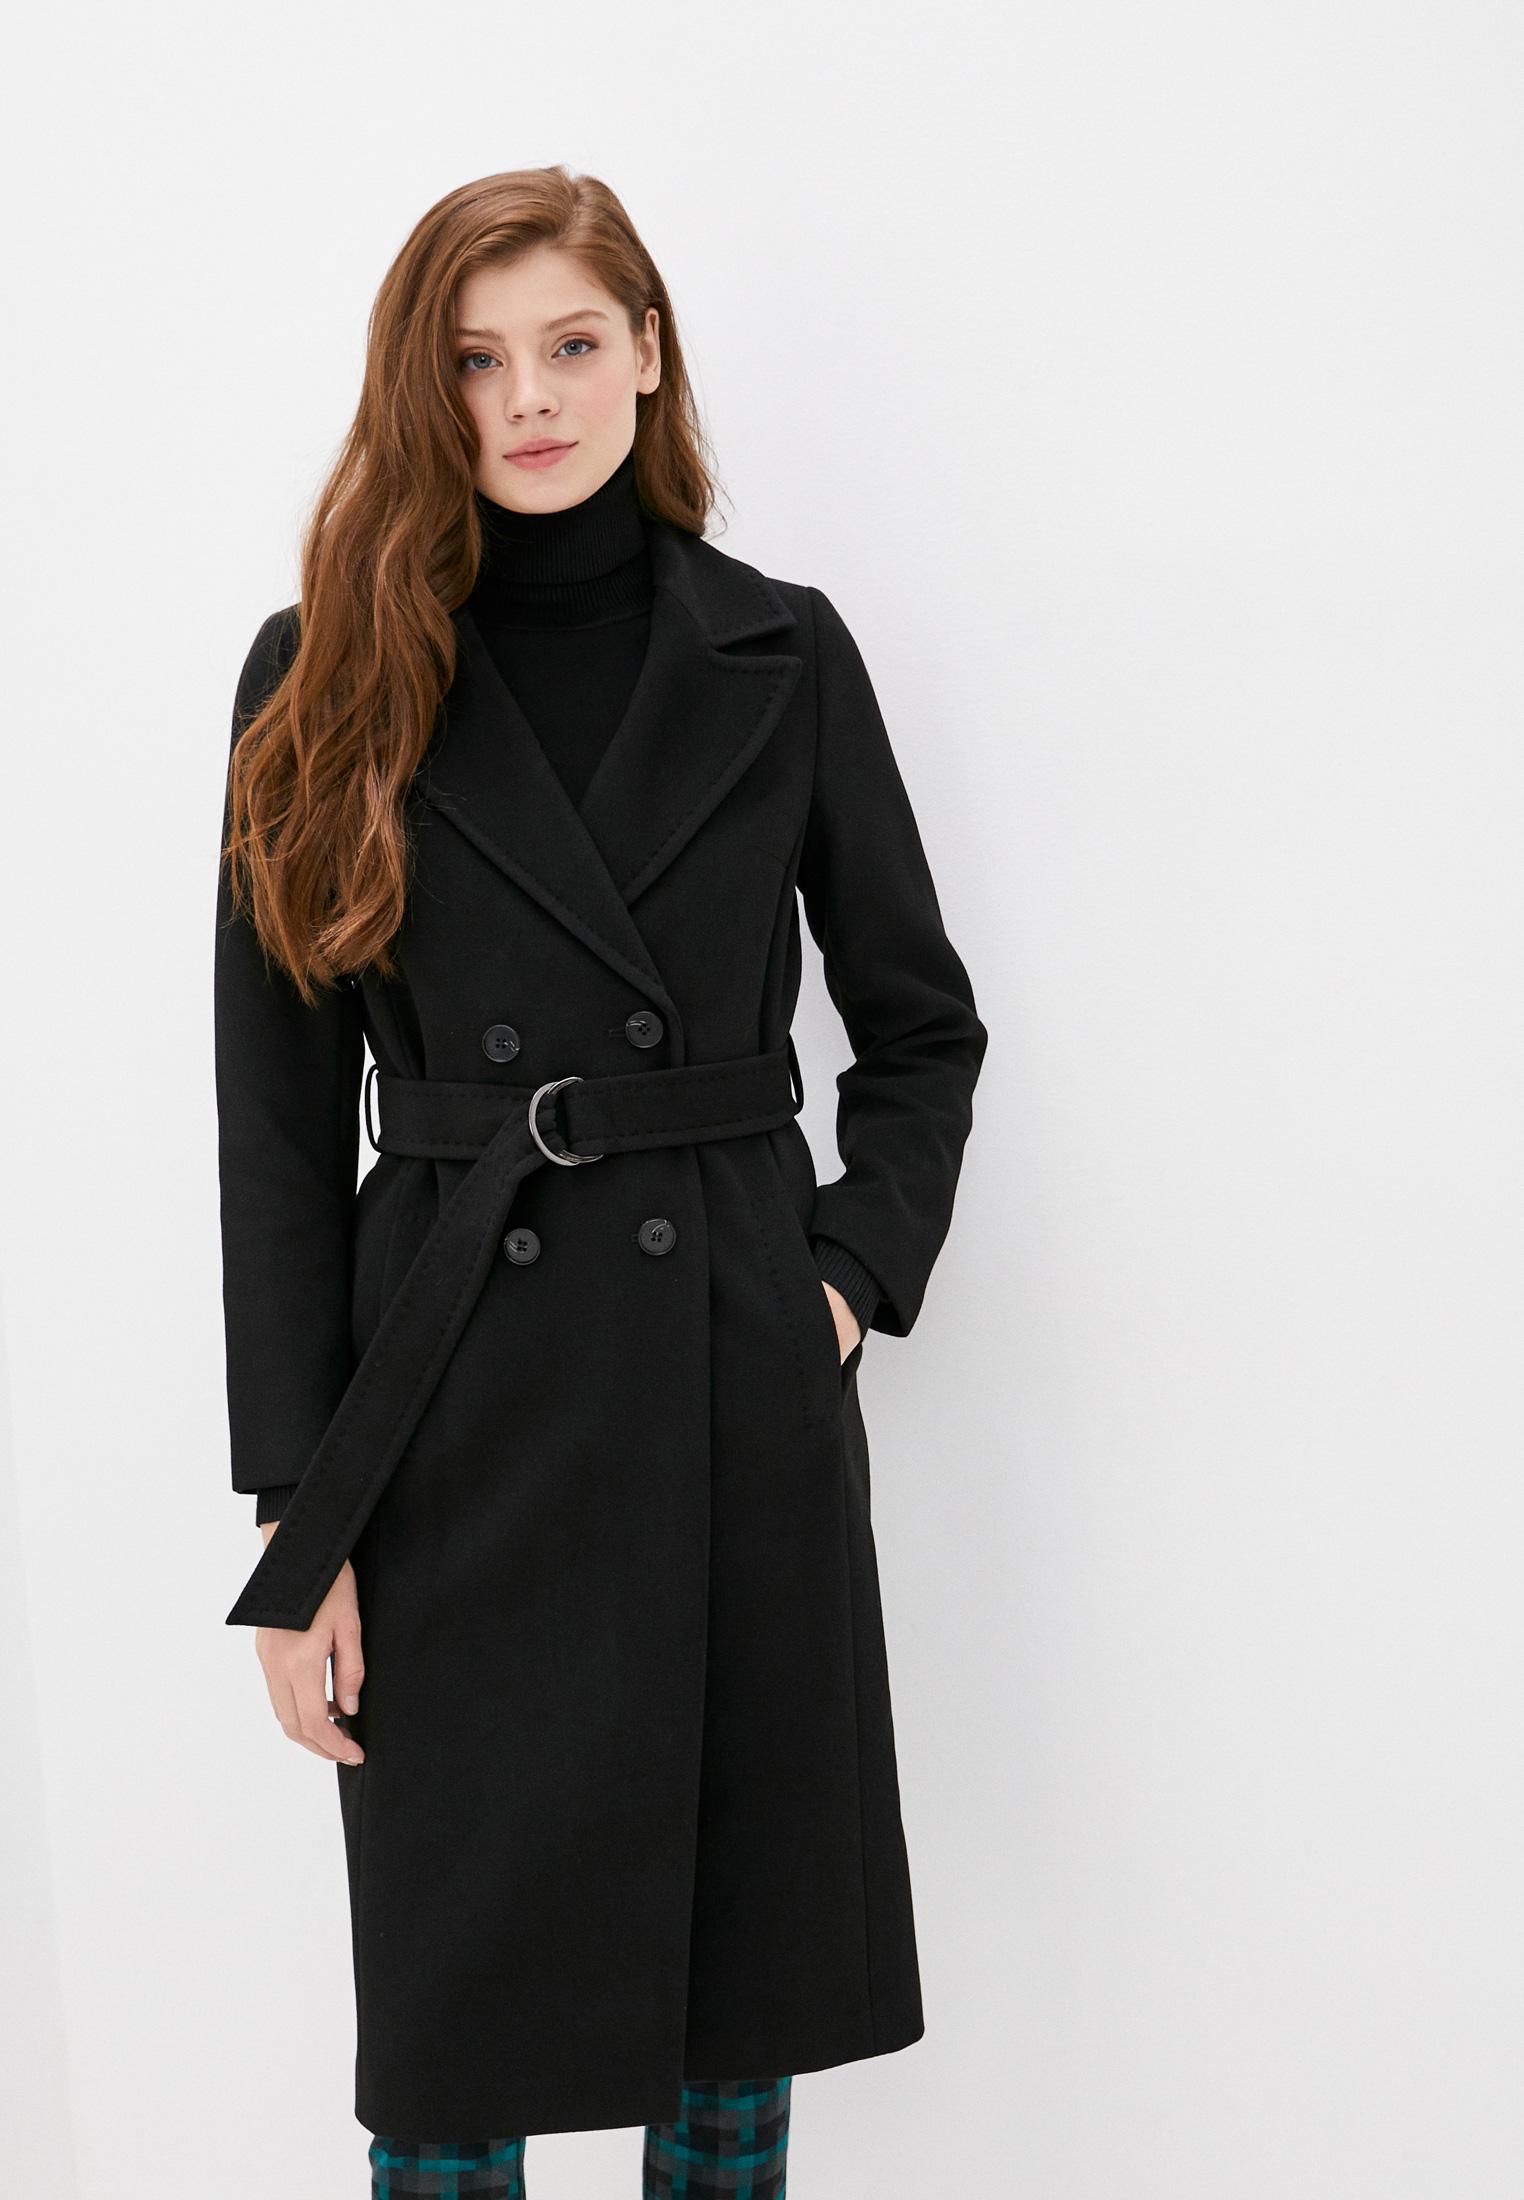 Пальто Снежная Королева купить за в интернет-магазине Lamoda.ru